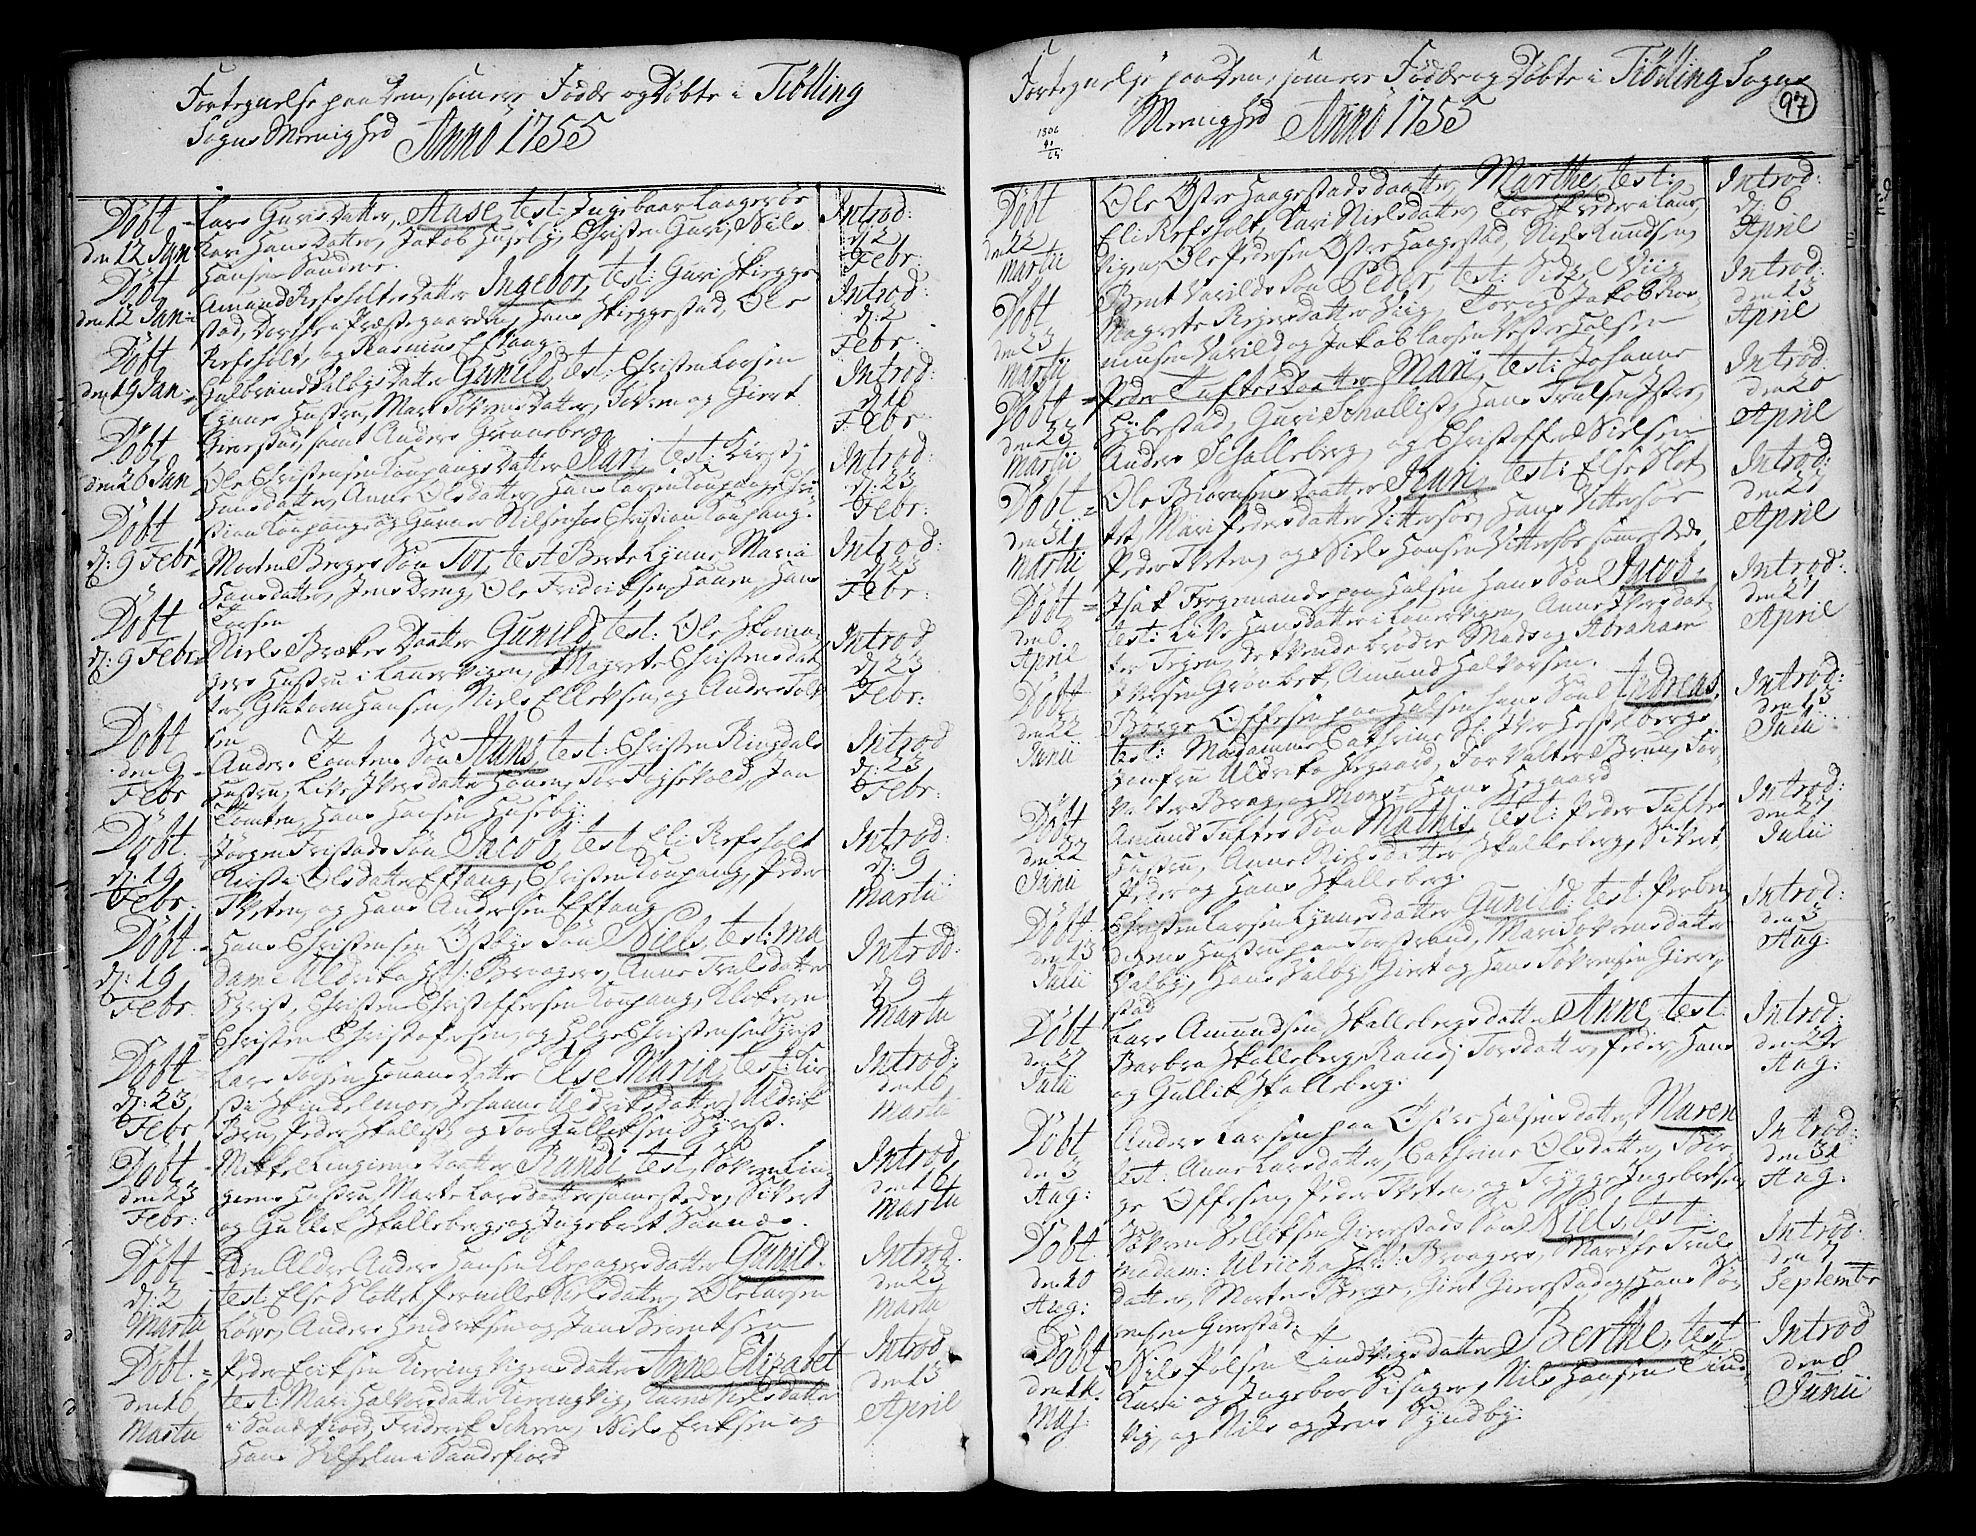 SAKO, Tjølling kirkebøker, F/Fa/L0003: Ministerialbok nr. 3, 1735-1778, s. 97